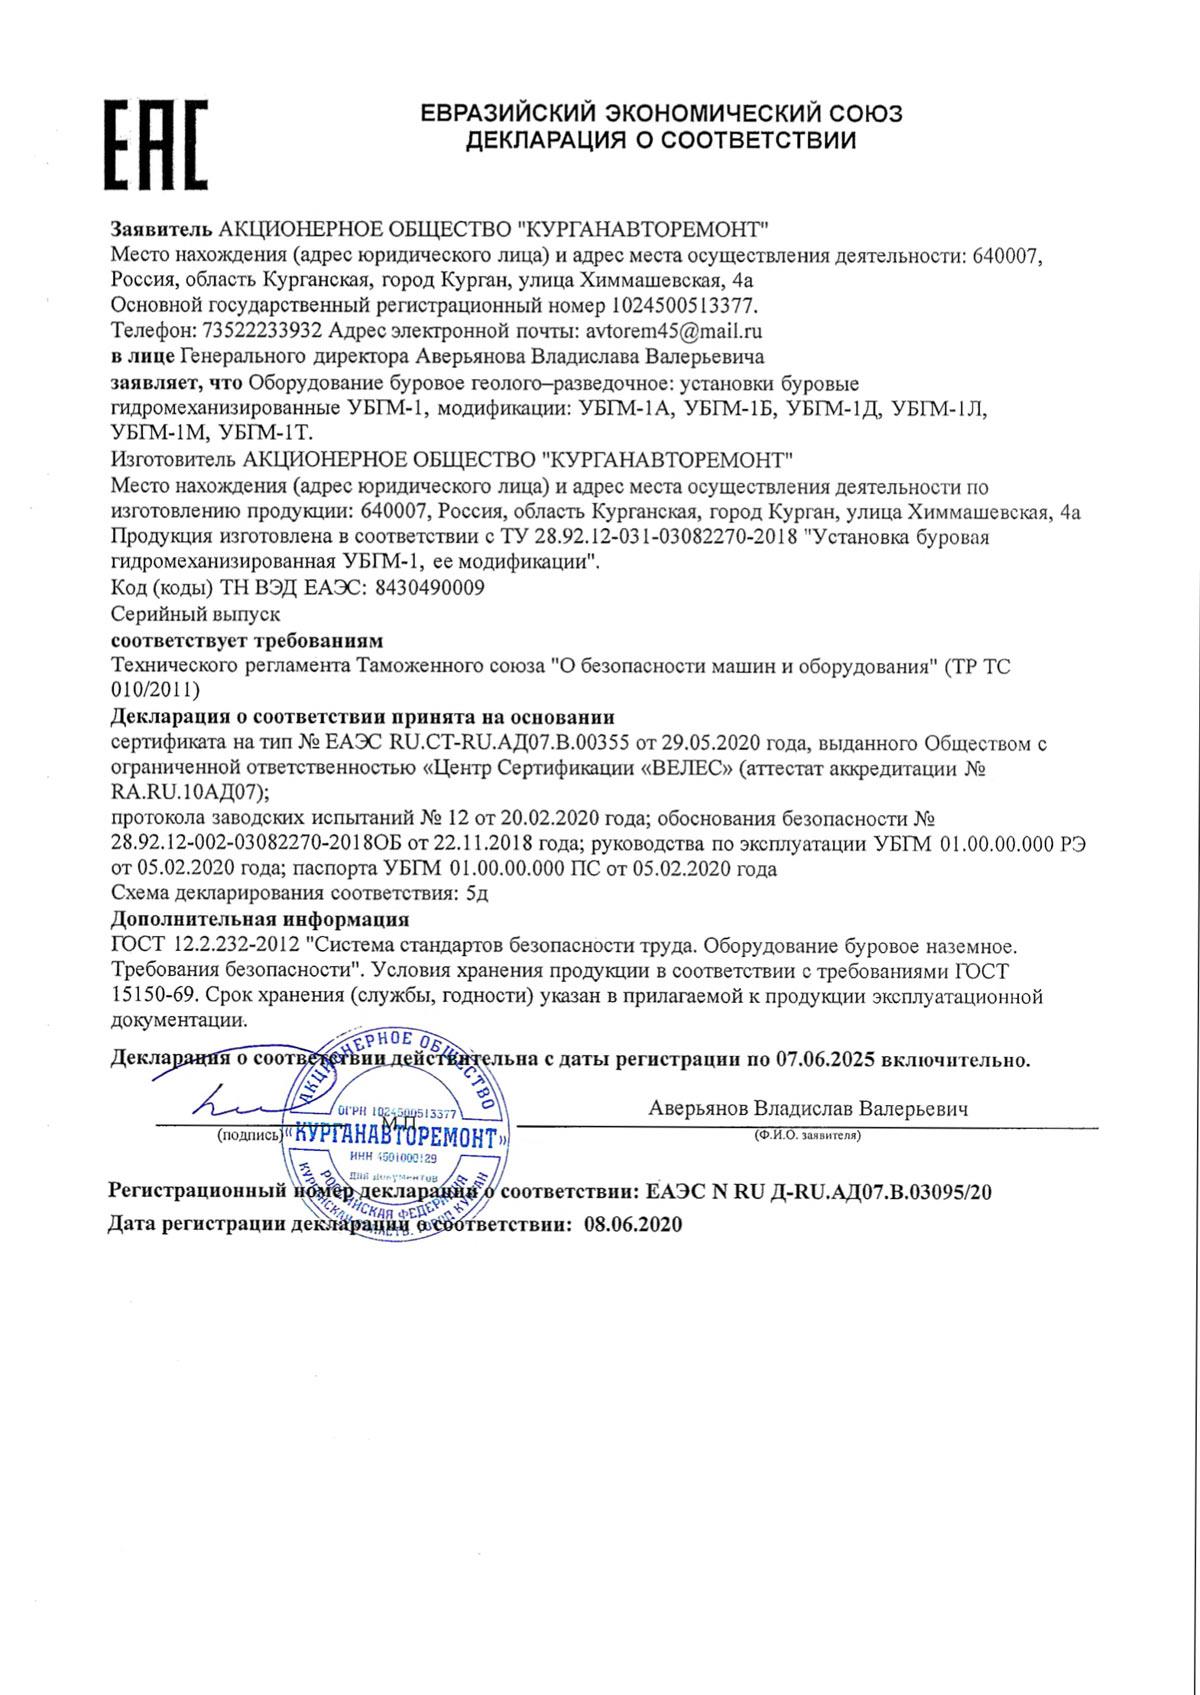 Сертификат Установка буровая гидромеханизированная УБГМ-1А с продувкой на базе многоцелевого снегоболотохода КТМ-12В